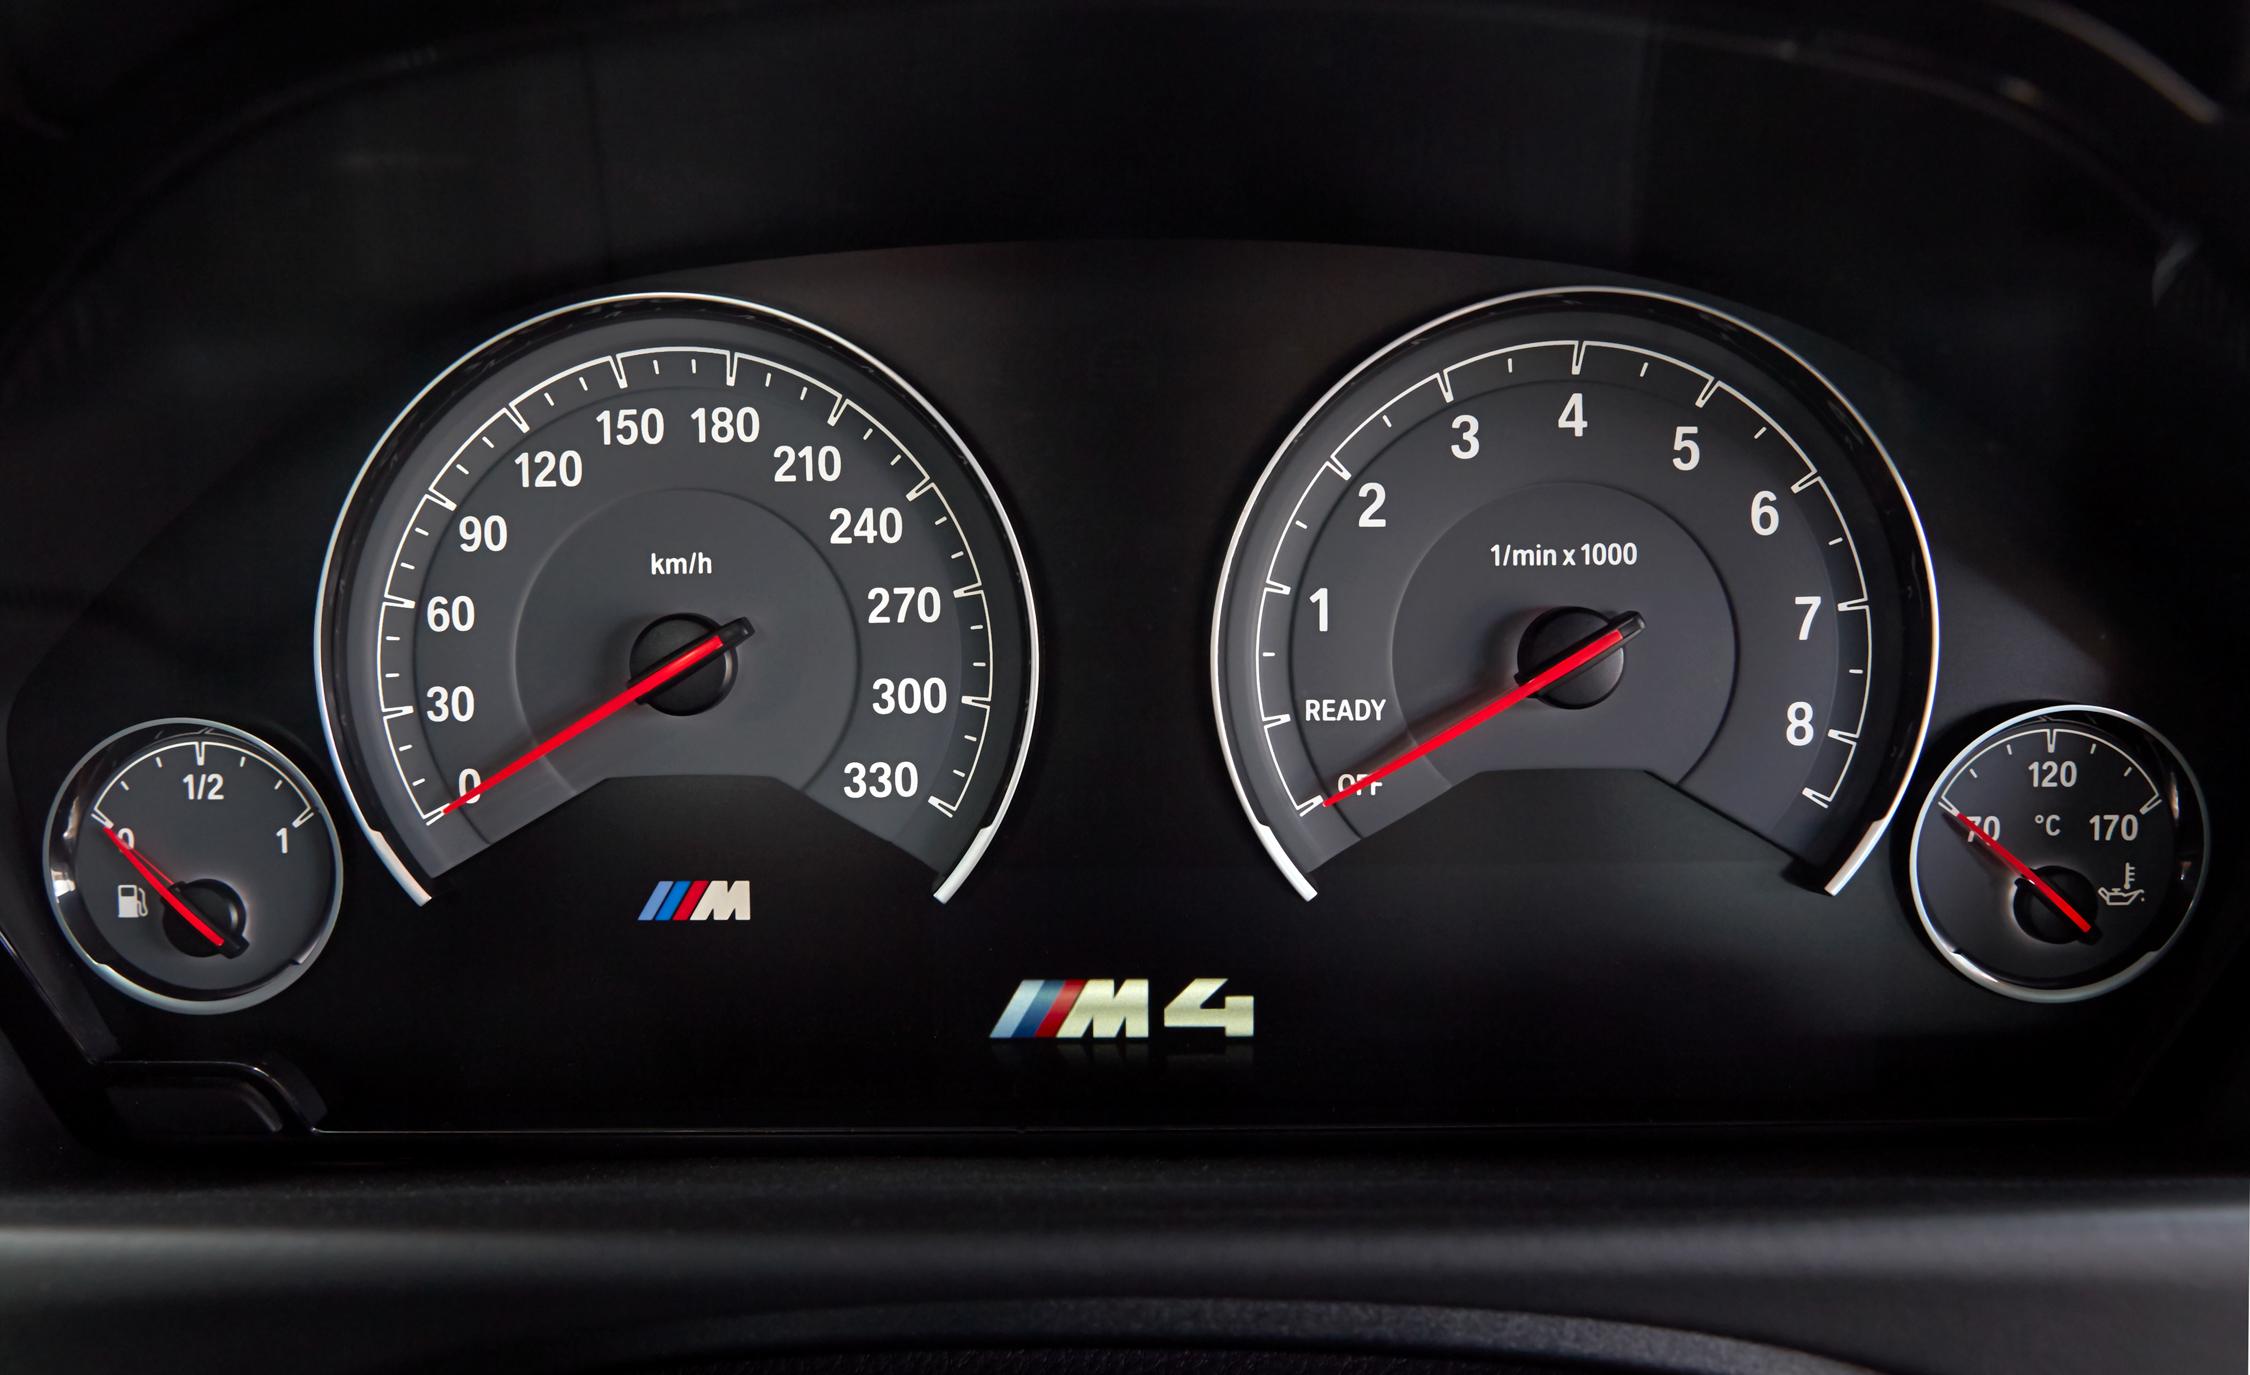 2015 BMW M4 Coupe Interior Speedometer